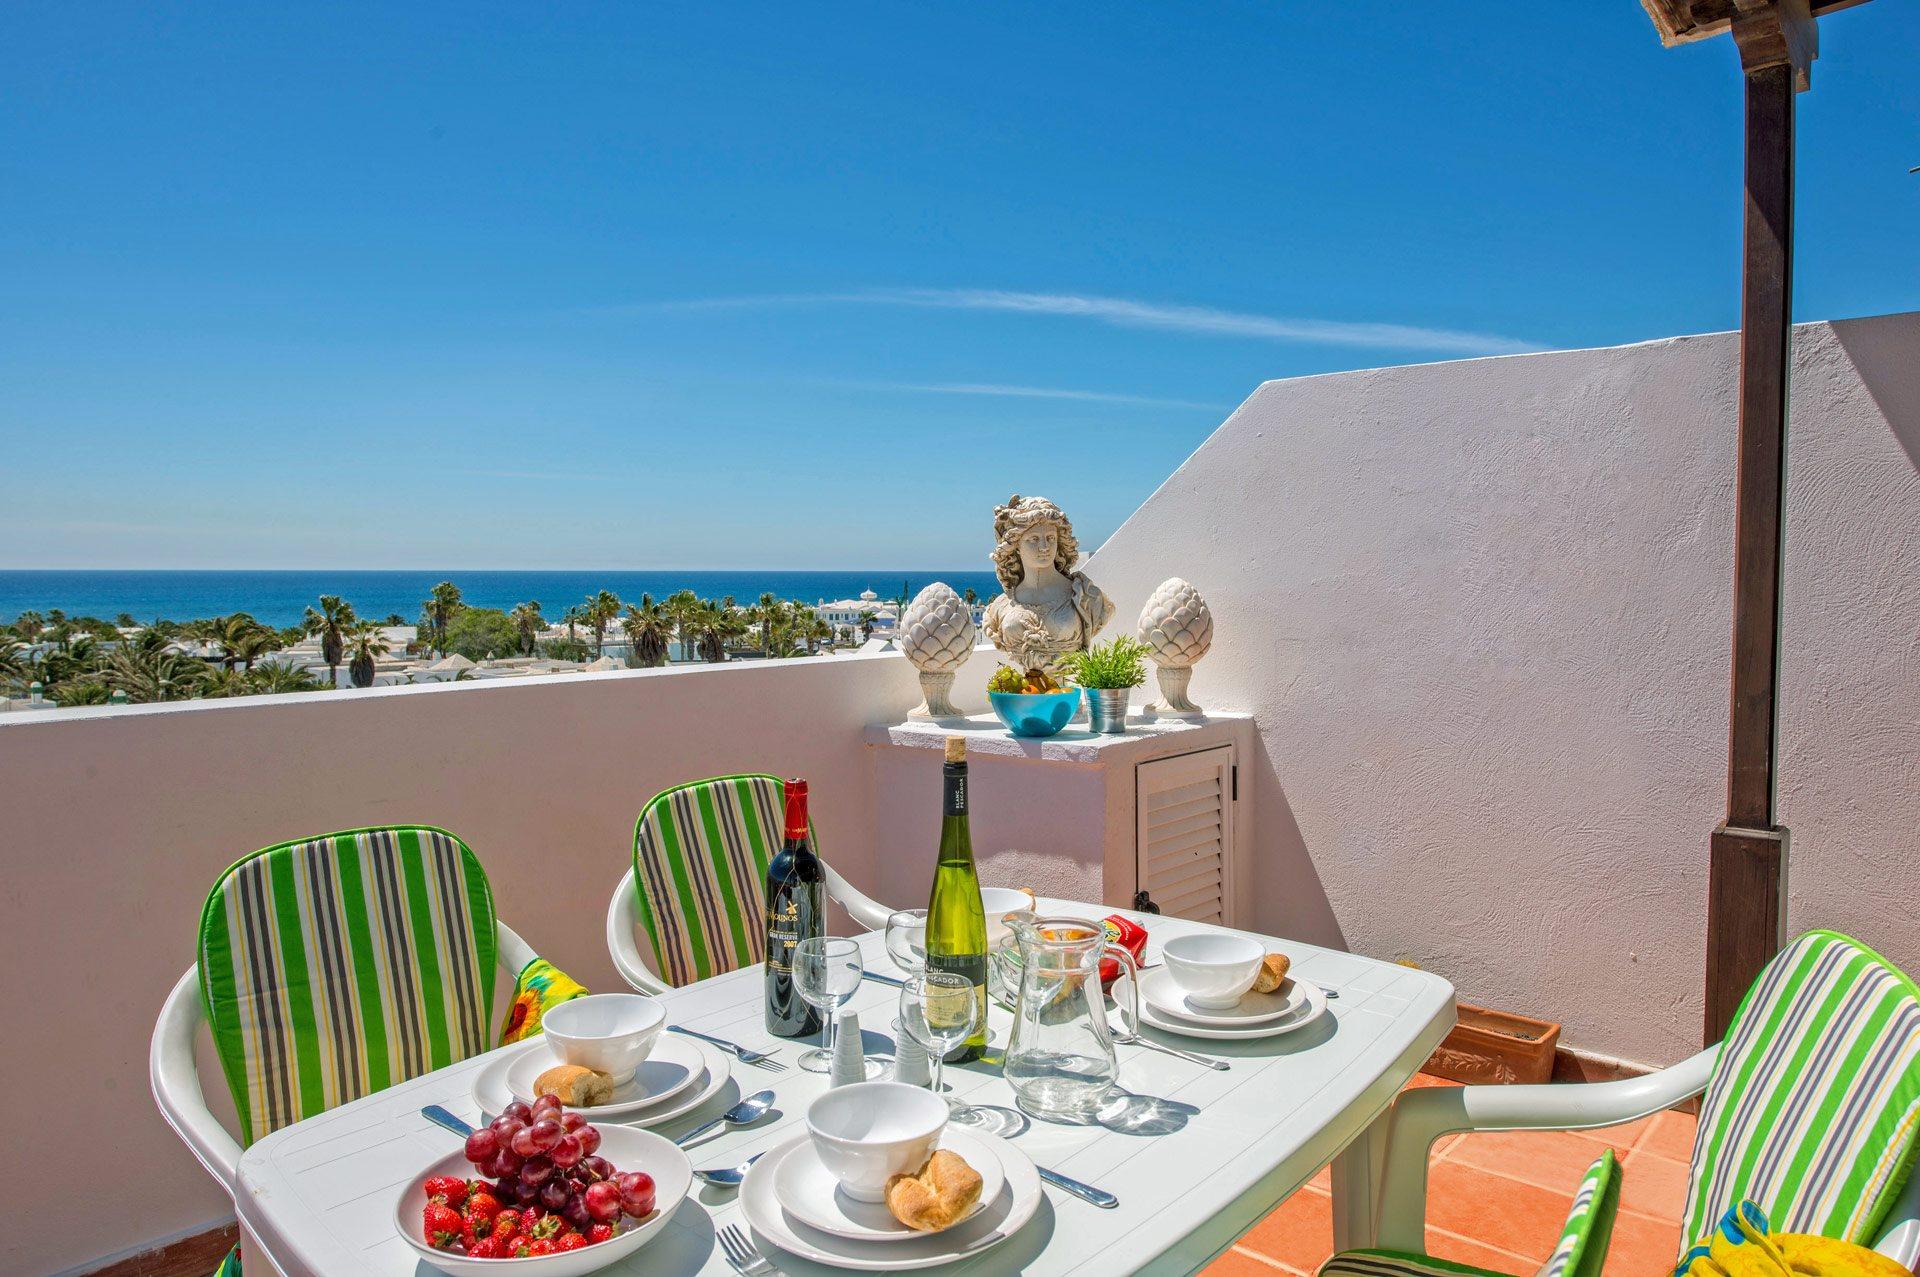 Villa Delfin Sol, Matagorda, Lanzarote, Spain